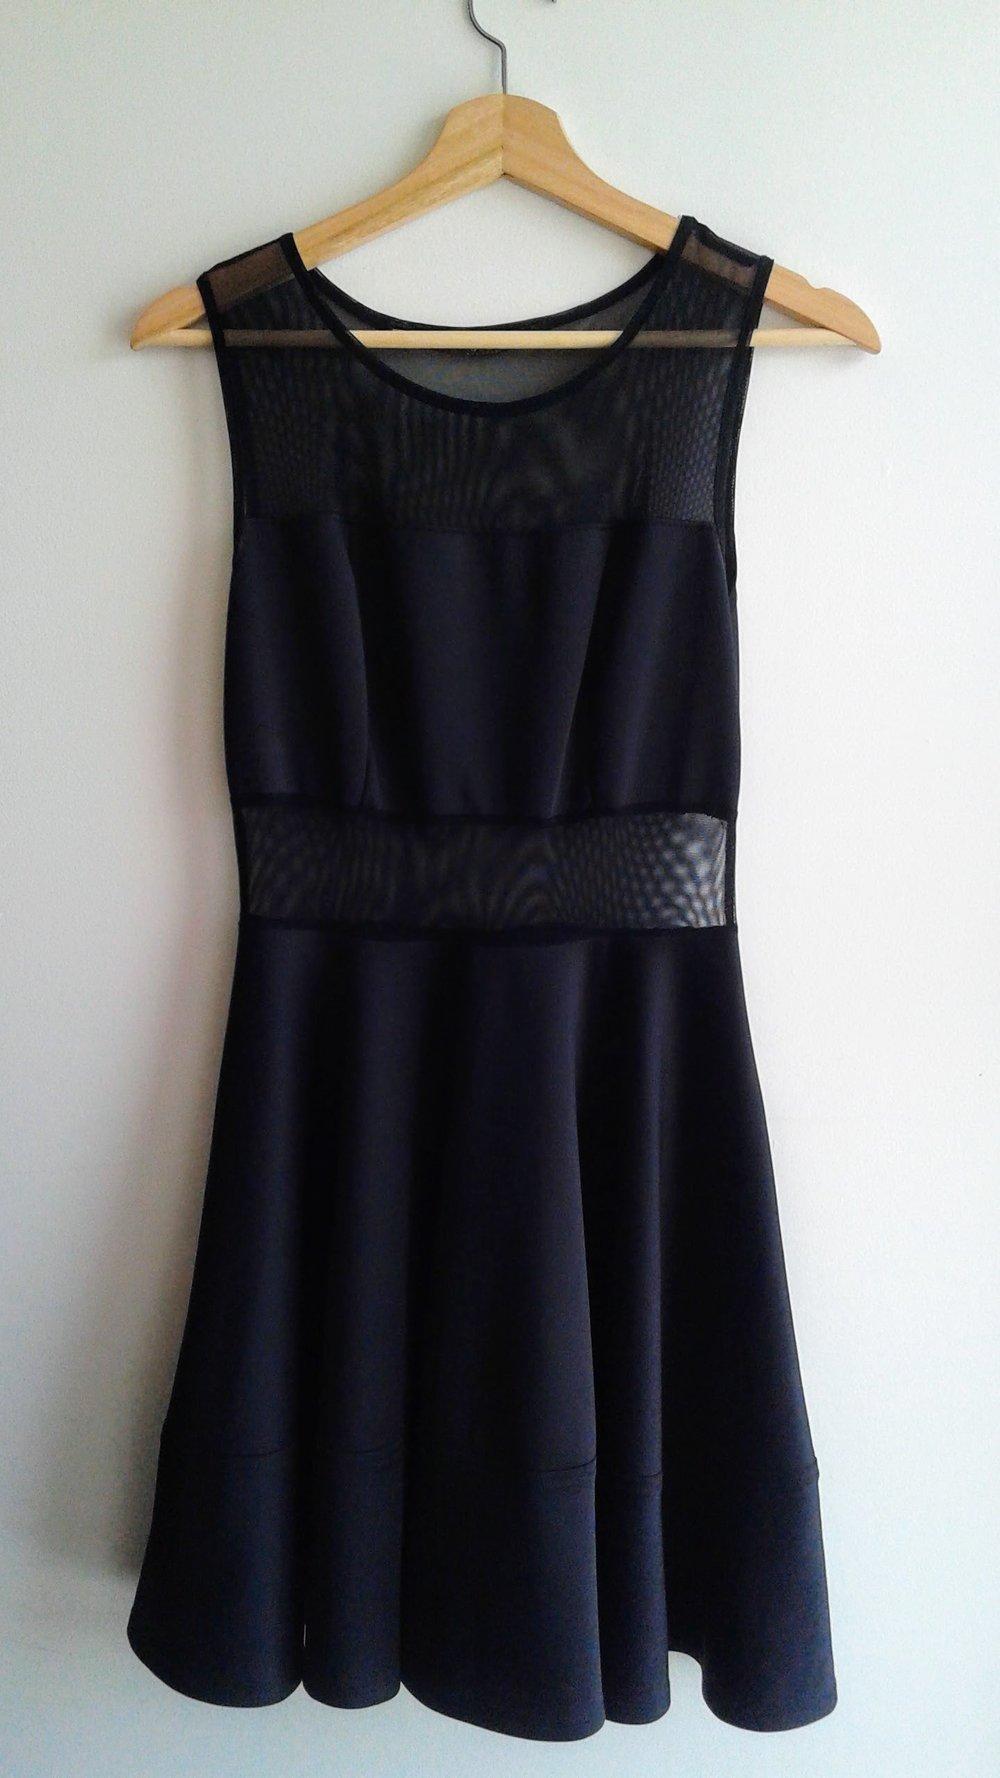 Guess  dress; Size M, $28